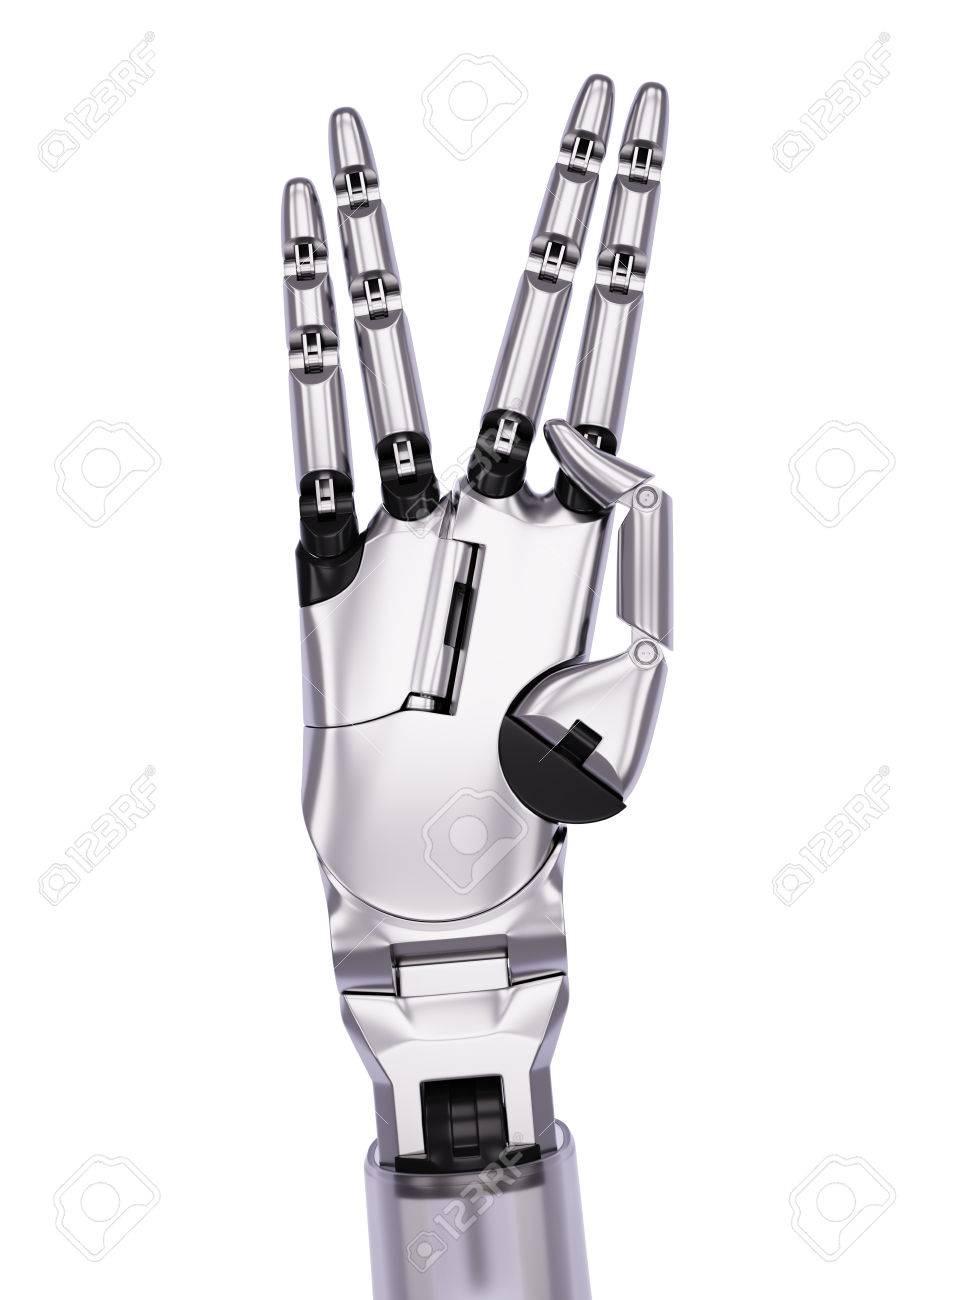 2b7c6dd67cf9 Banque d images - Robot Gestes longue vie et prospérité Concept  Illustration 3d